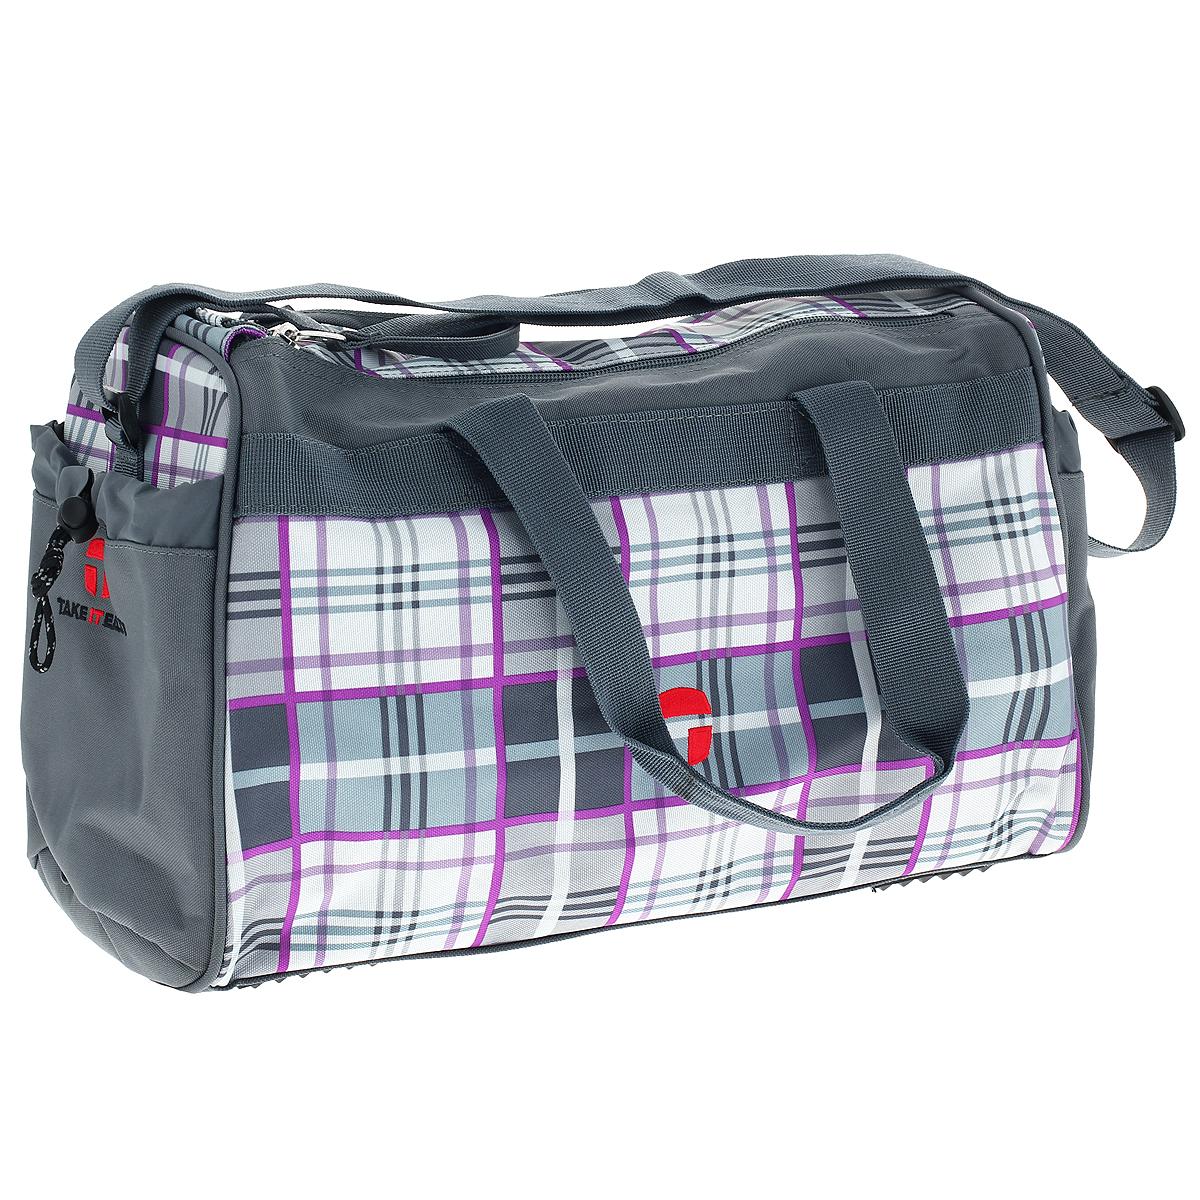 Сумка спортивная Take It Easy Килт, цвет: серыйBH-PSV0301(R)Спортивная сумка Take It Easy Килт предназначена для переноски спортивных вещей, обуви и инвентаря. Сумка ручной работы выполнена из современных резистентных материалов и оформлена графическим рисунком. Сумка имеет одно вместительное отделение, закрывающееся на две застежки-молнии. Бегунки на застежках соединены общим текстильным держателем. На тыльной стороне сумки расположен внешний карман для обуви, закрывающийся на застежку молнию. По бокам находятся два внешних кармана, затягивающиеся сверху текстильным шнурком с фиксатором. Спортивная сумка оснащена двумя текстильными ручками для переноски в руке и плечевым ремнем, регулируемым по длине. На дне сумки расположены четыре широкие пластиковые ножки, которые защитят ее от грязи и продлят срок службы. Характеристики: Материал: текстиль, пластик, металл. Размер сумки: 37 см х 20 см x 25 см. Объем сумки: 18 л.